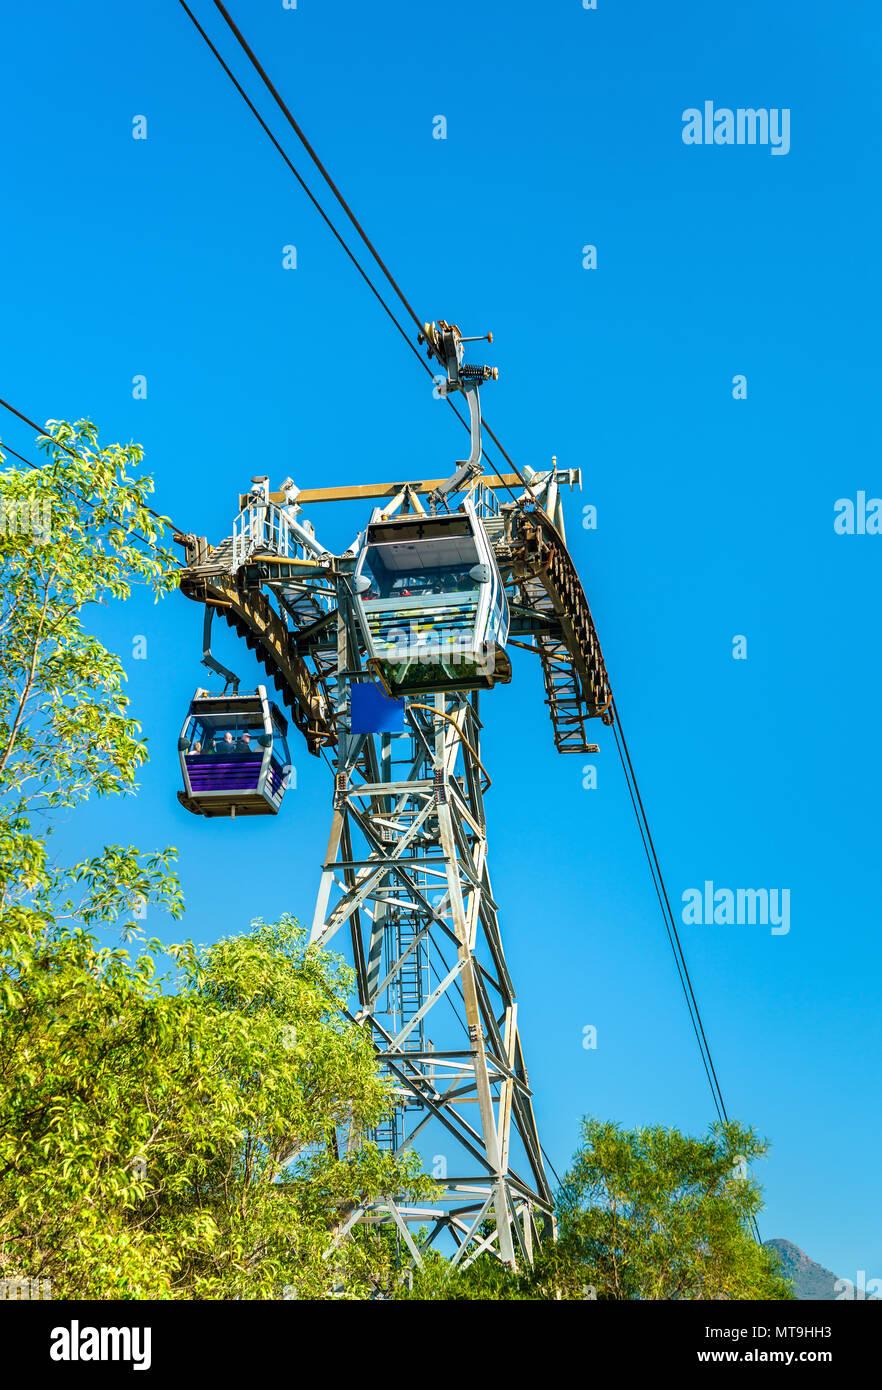 Tower of Ngong Ping 360 cable car on Lantau Island in Hong Kong - Stock Image